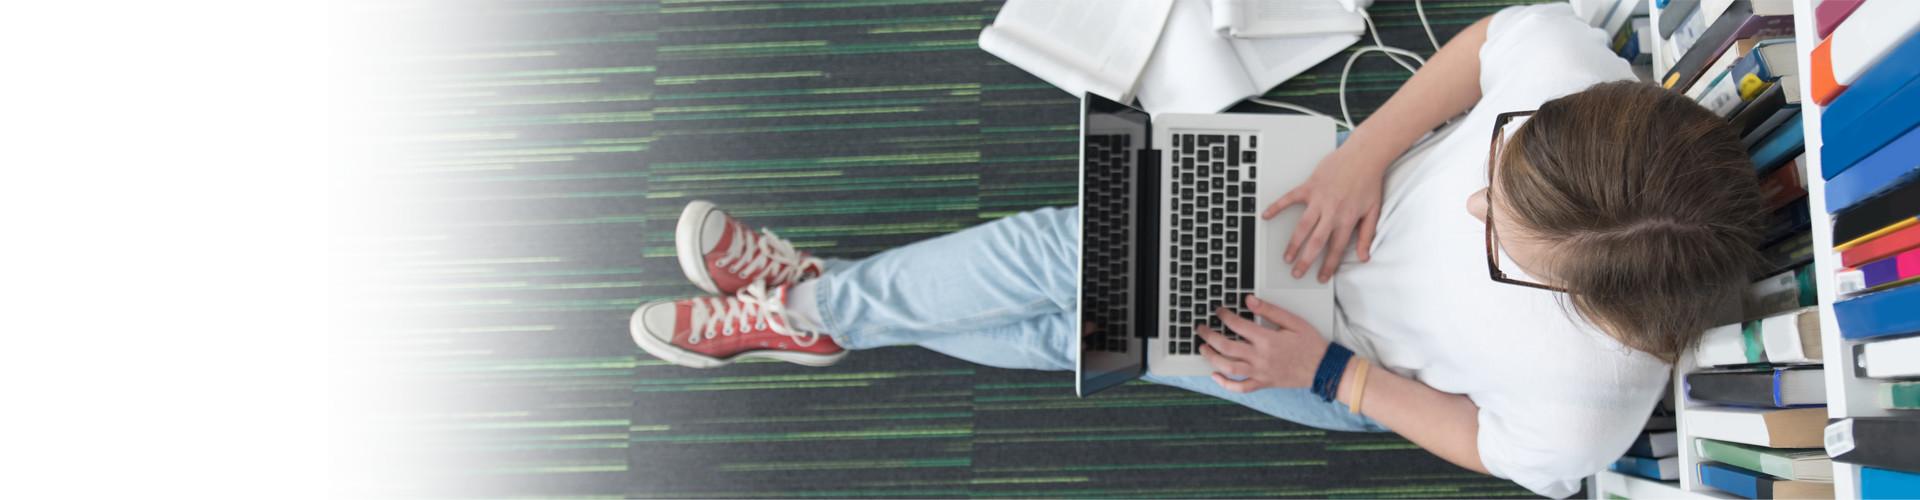 Von oben sieht man eine Studentin mit Notebook auf dem Schoß, welche auf dem Boden sitzt und an einem Bücherregal lehnt. © .shock, stock.adobe.com